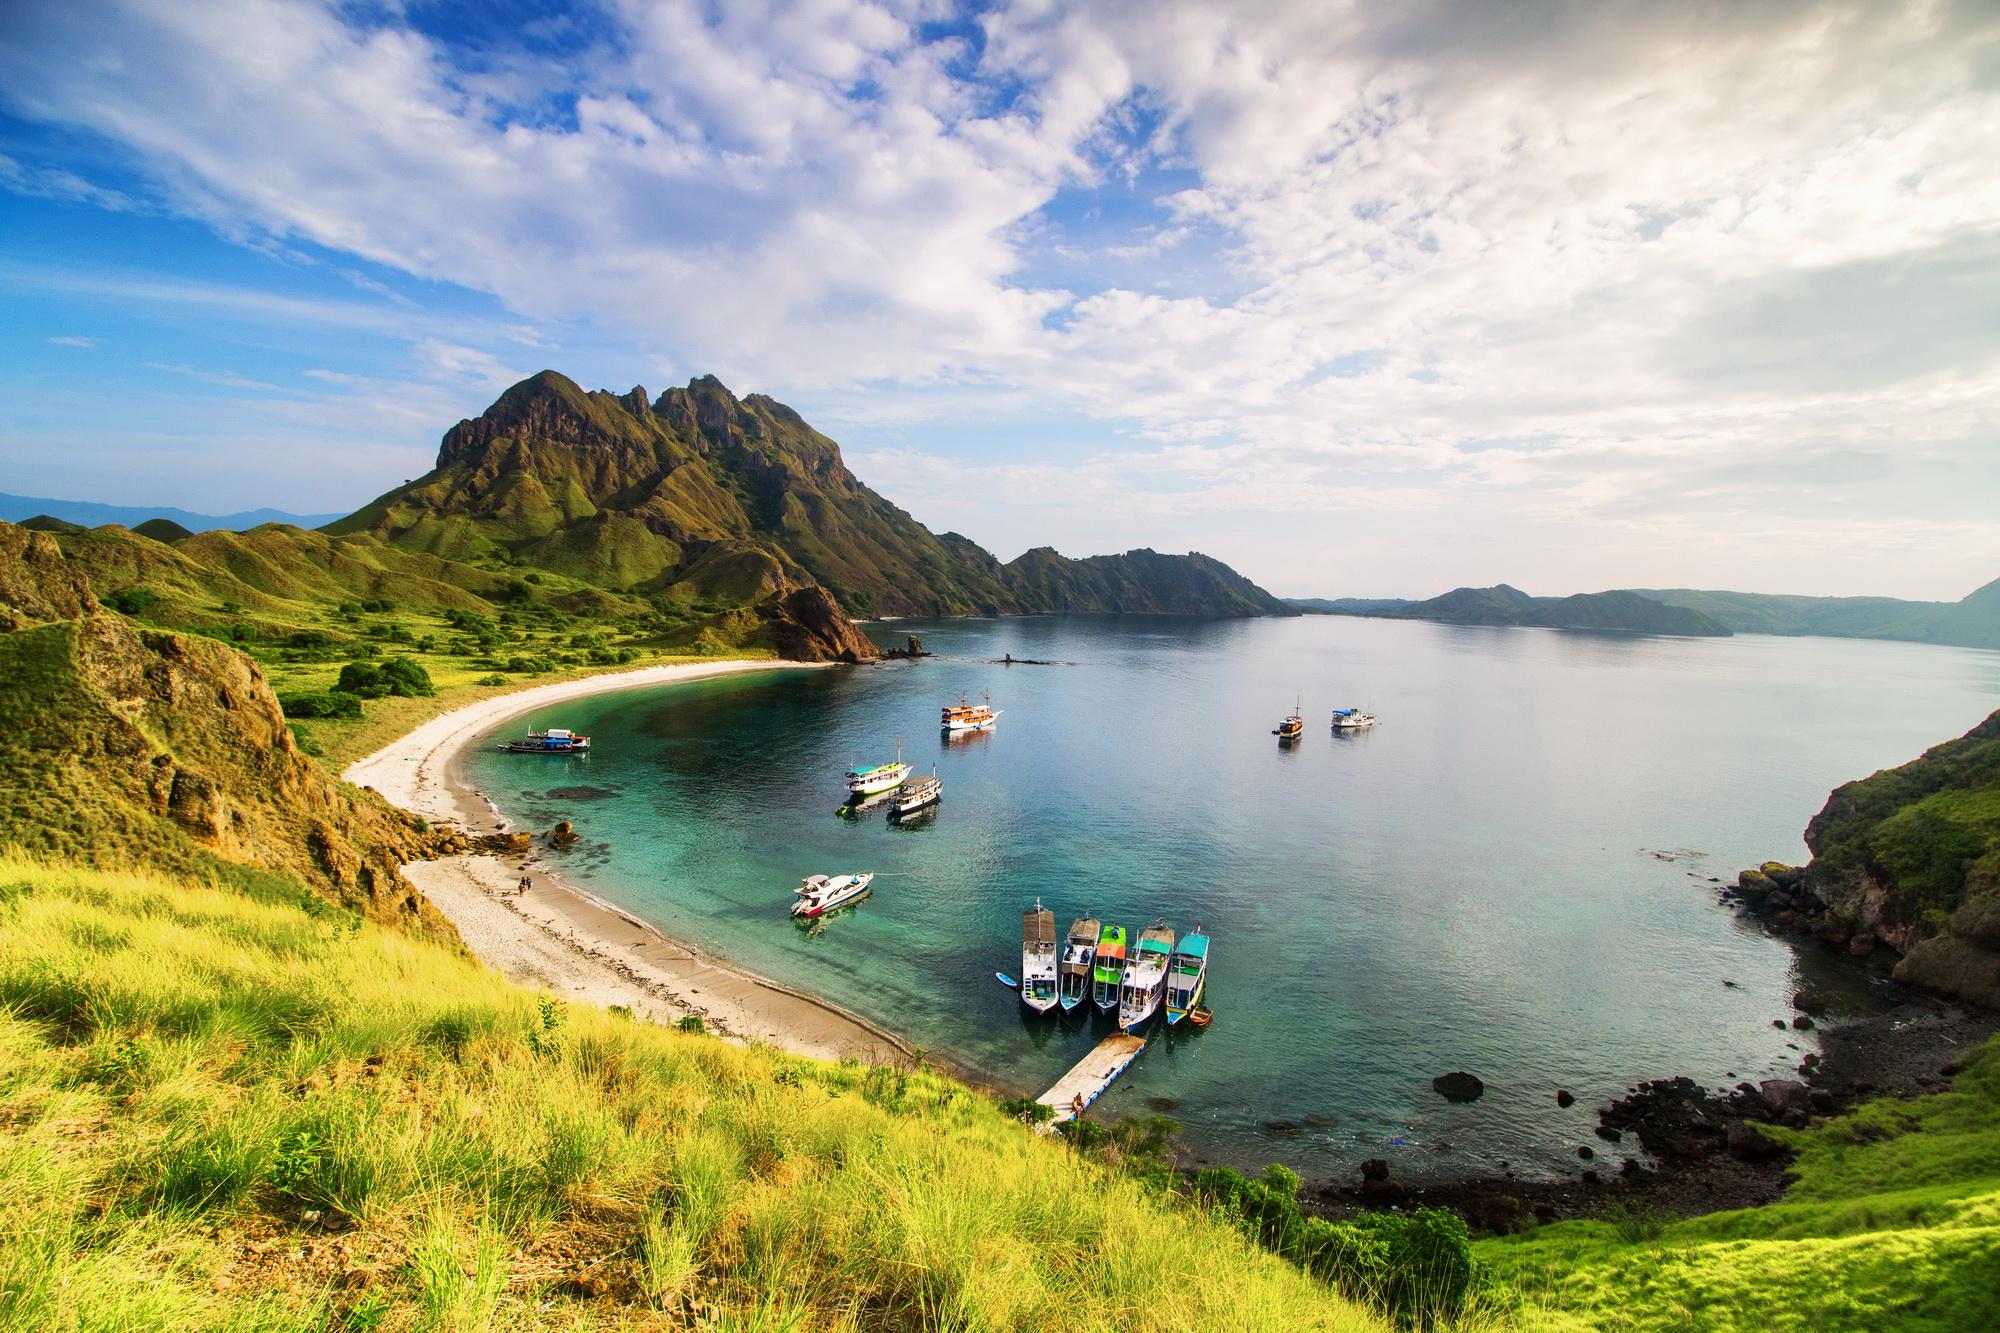 lintah strait in padar island